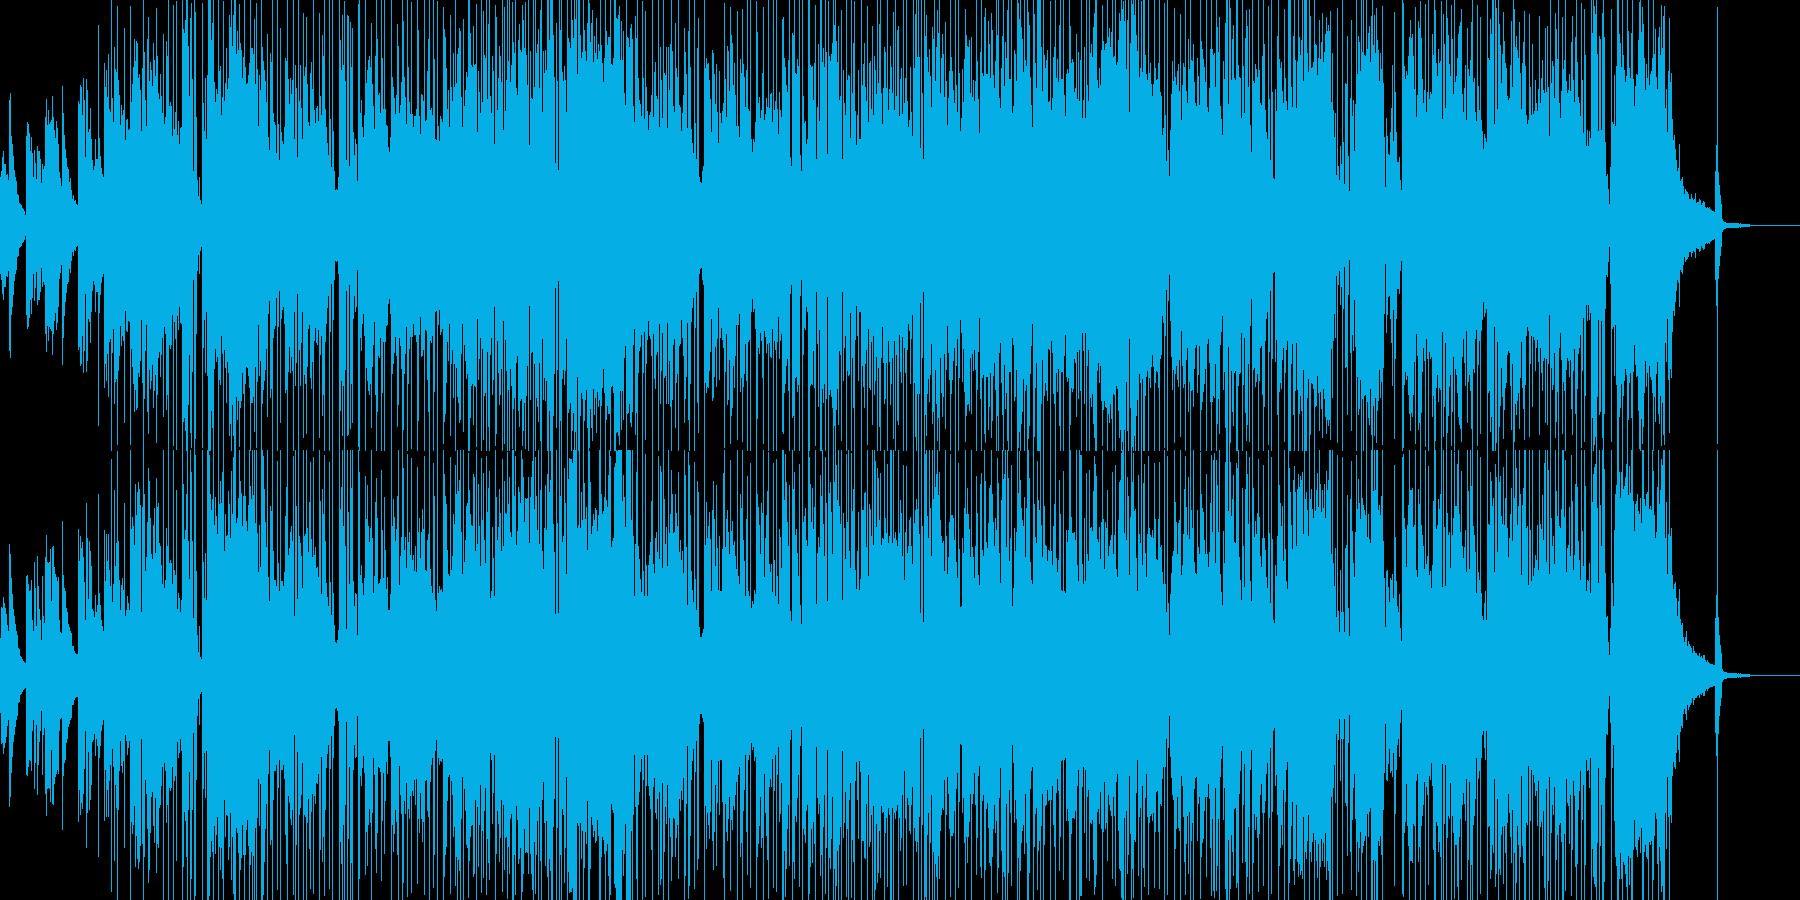 オシャレなギターソロのインストの再生済みの波形